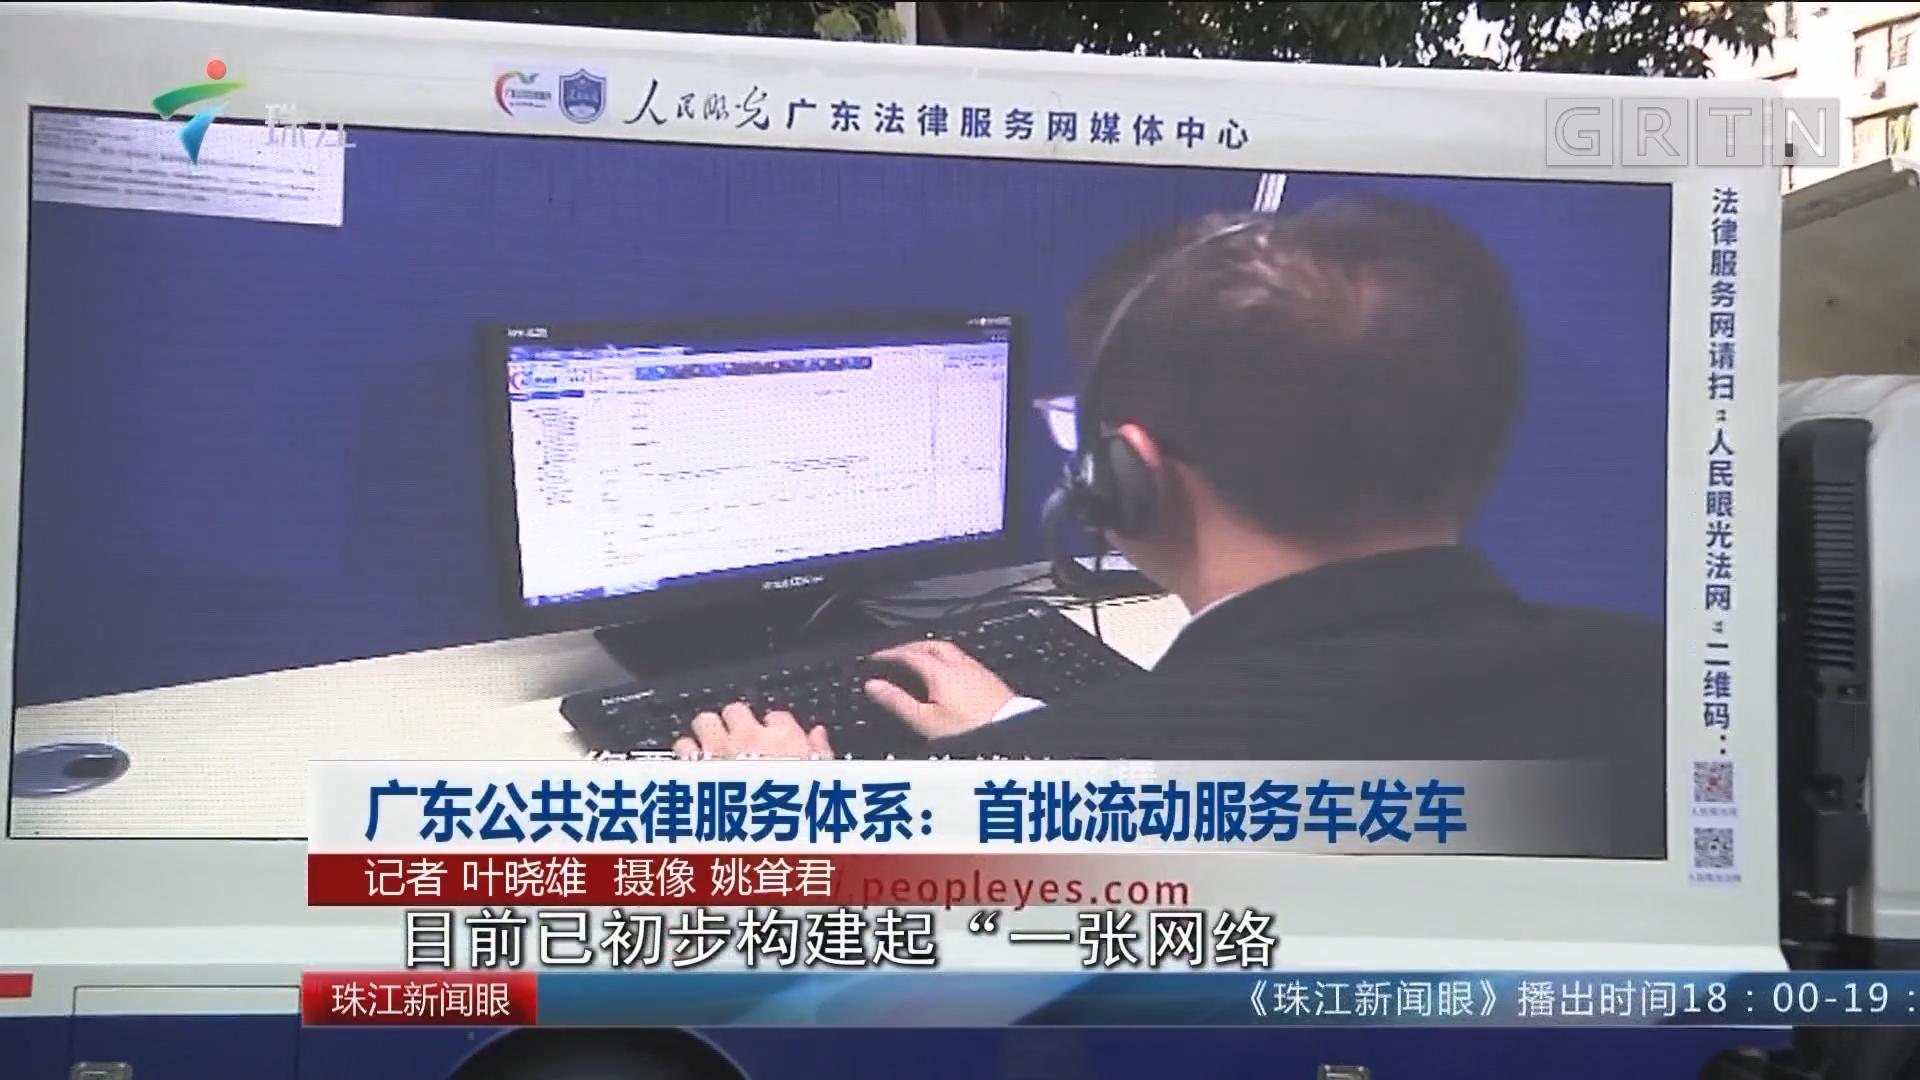 广东公共法律服务体系:首批流动服务车发车